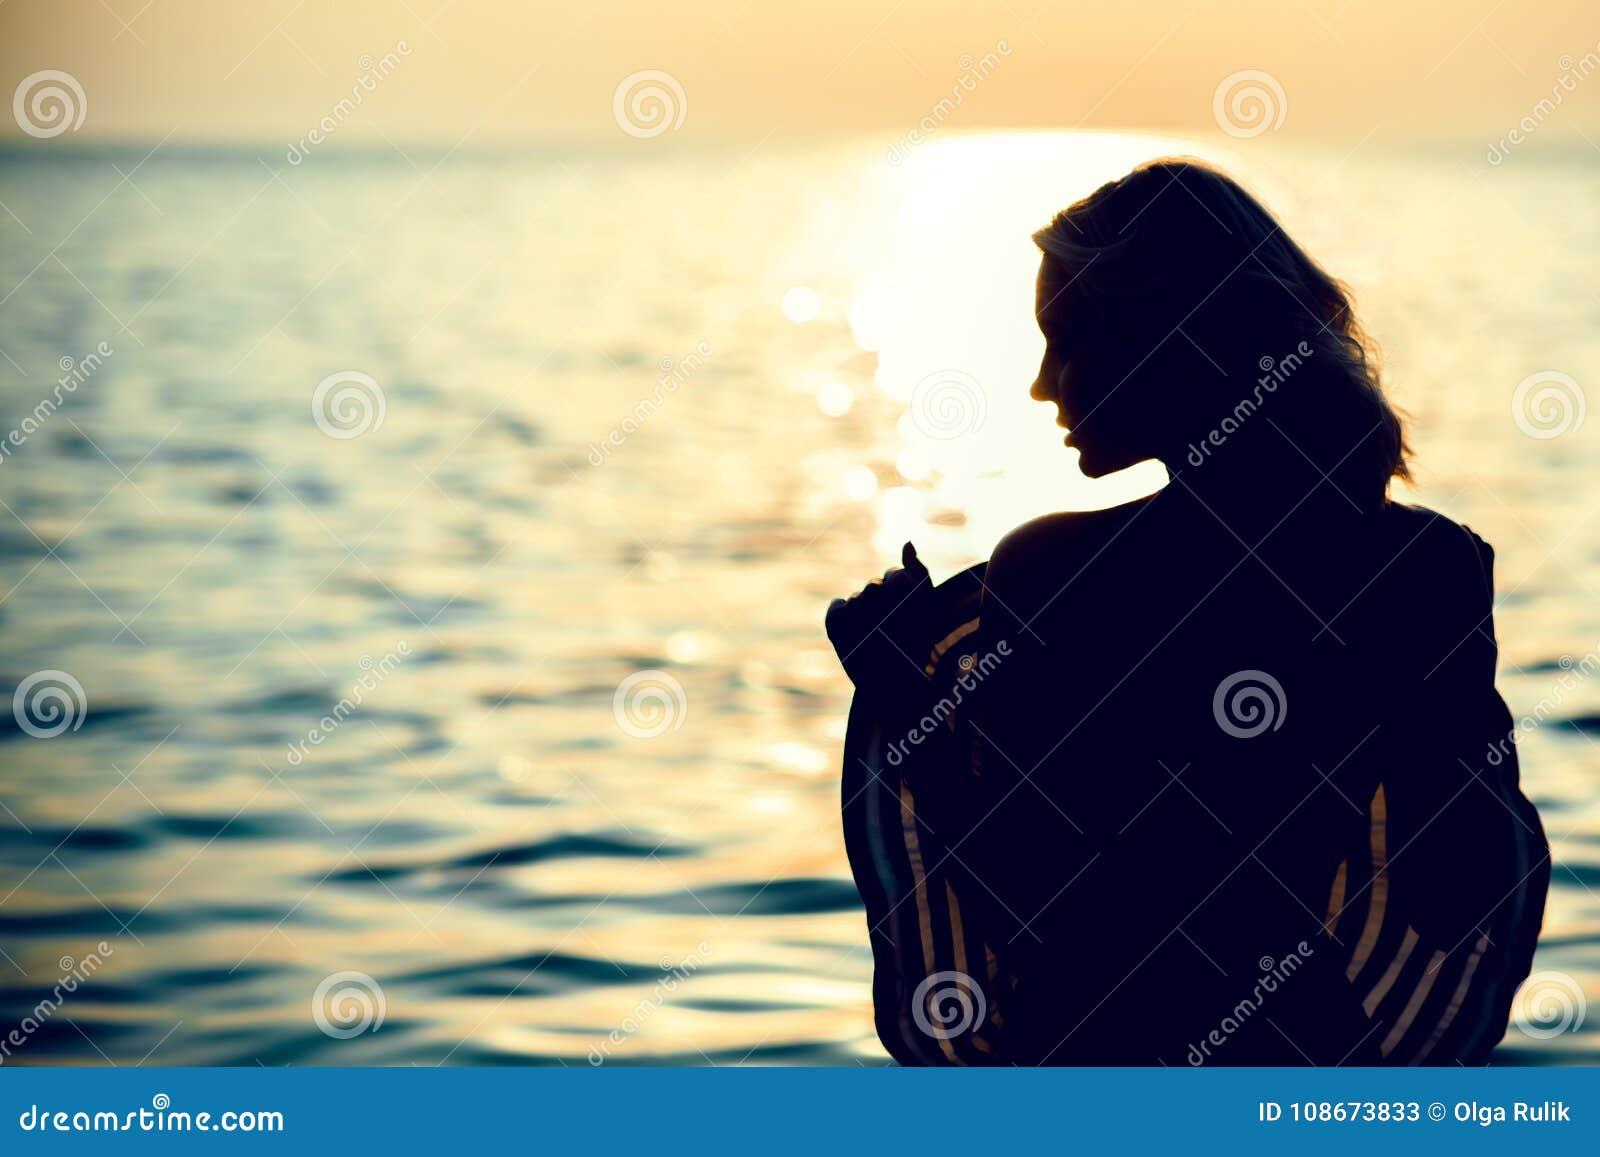 Силуэт красивой женщины стоя с ей назад к камере в морской воде на восходе солнца держа большую широк-наполненную до краев шляпу